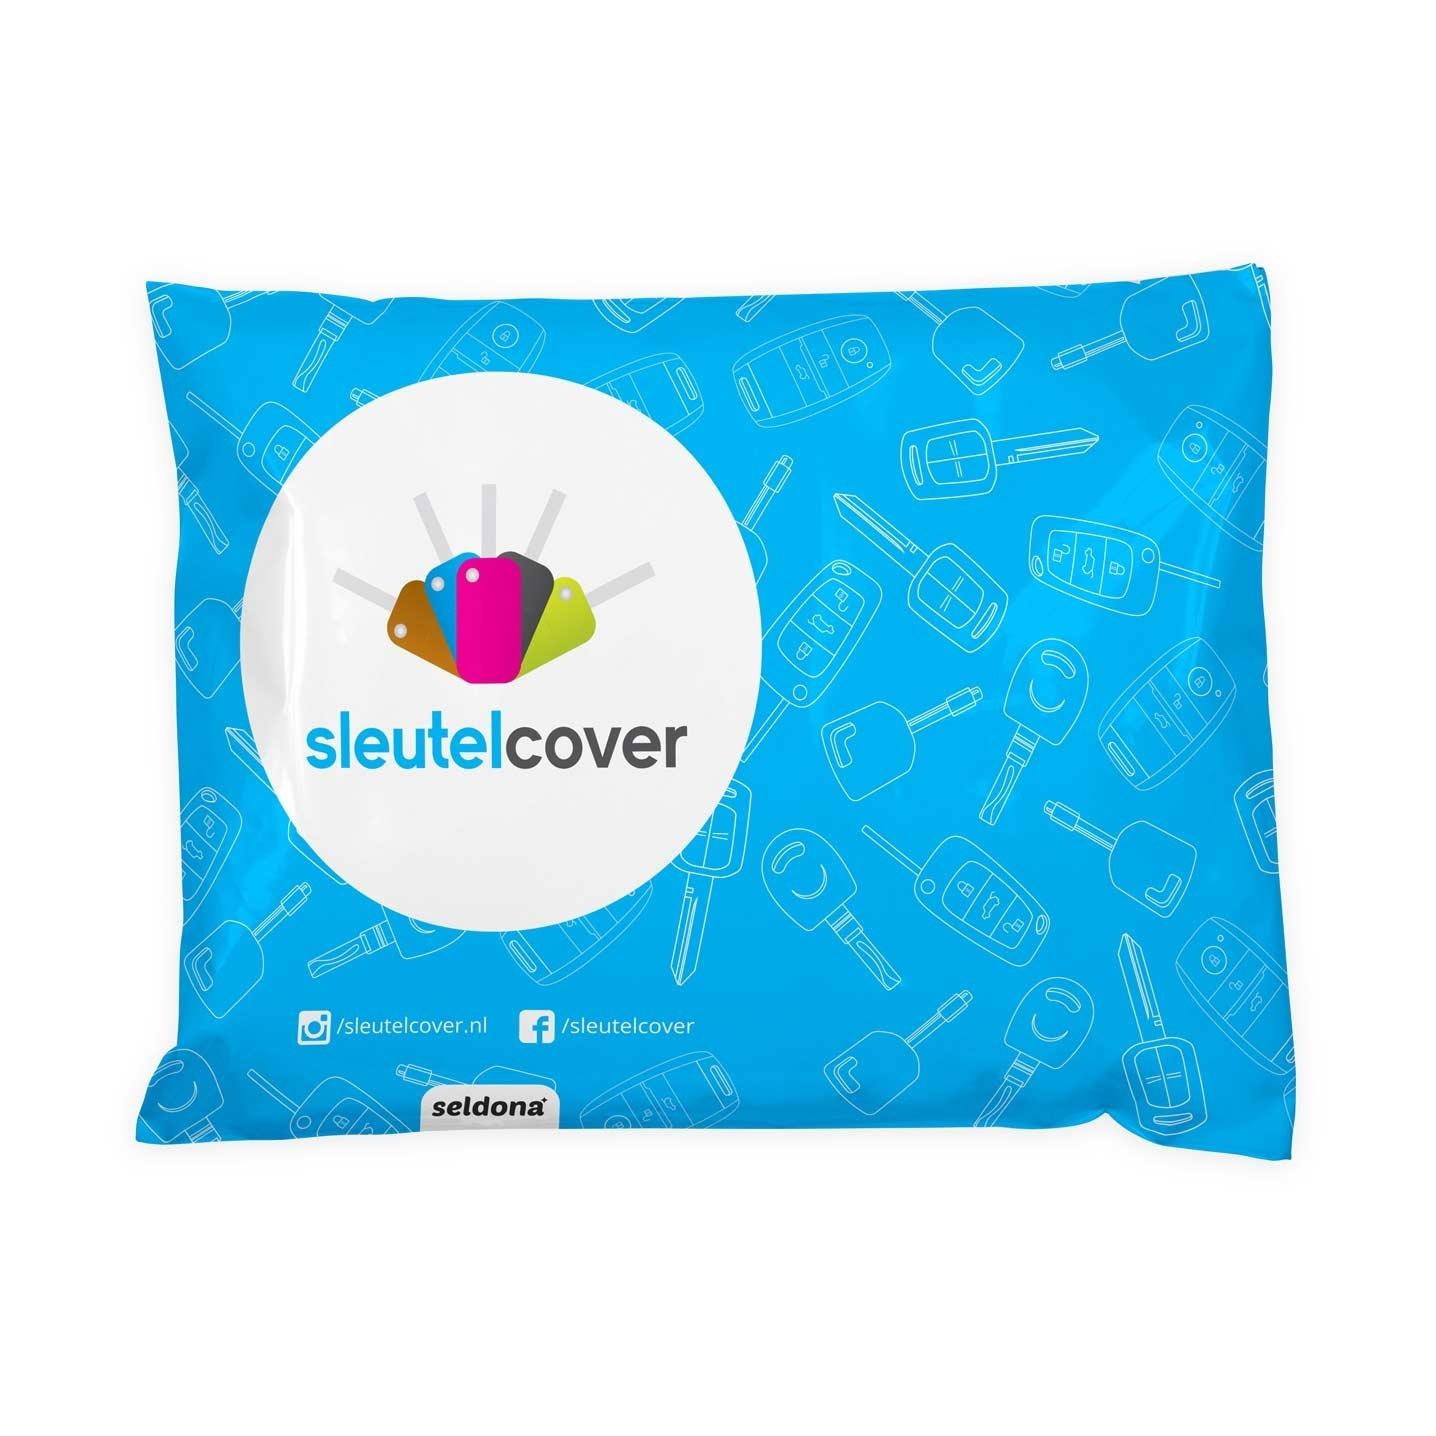 SleutelCover - Roze / Silicone sleutelhoesje / beschermhoesje autosleutel